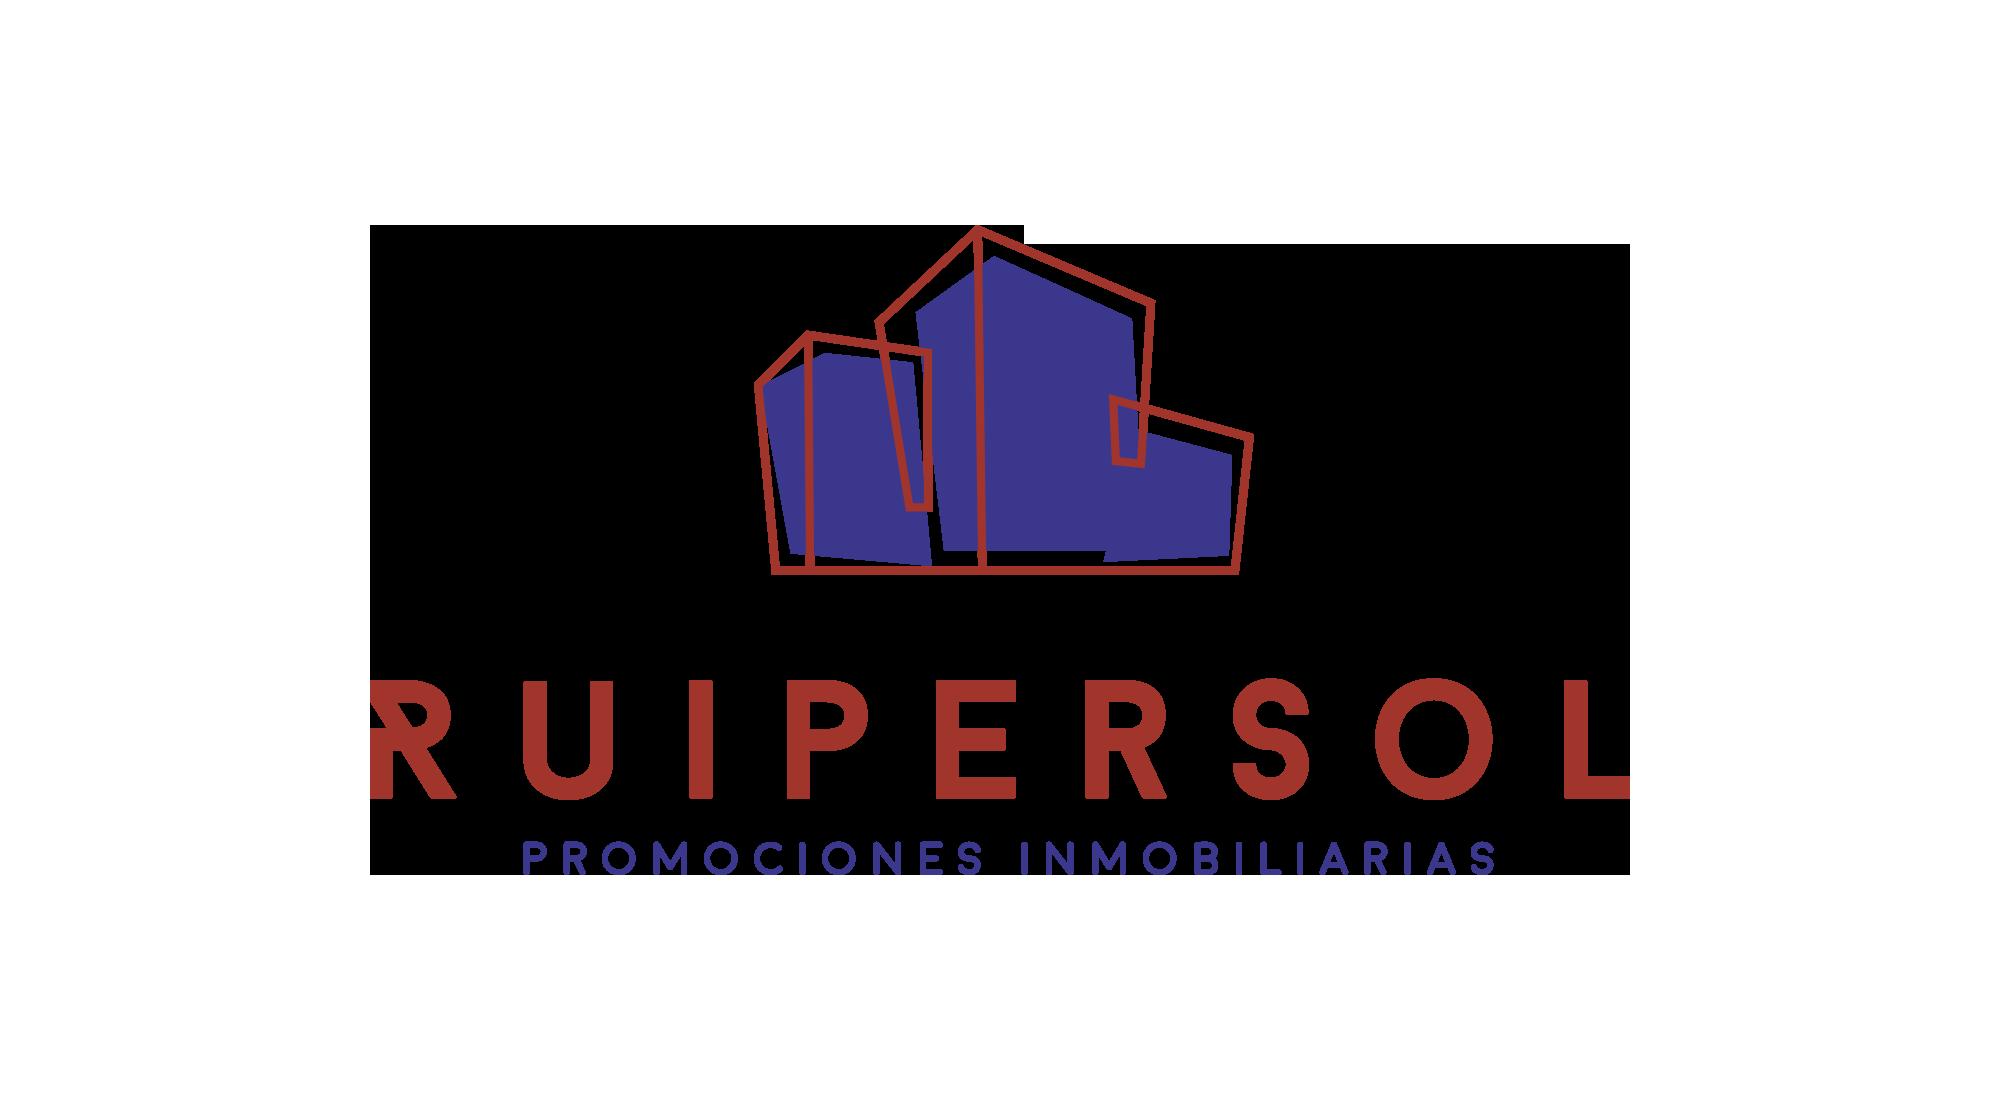 Ruipersol Promociones Inmobiliarias